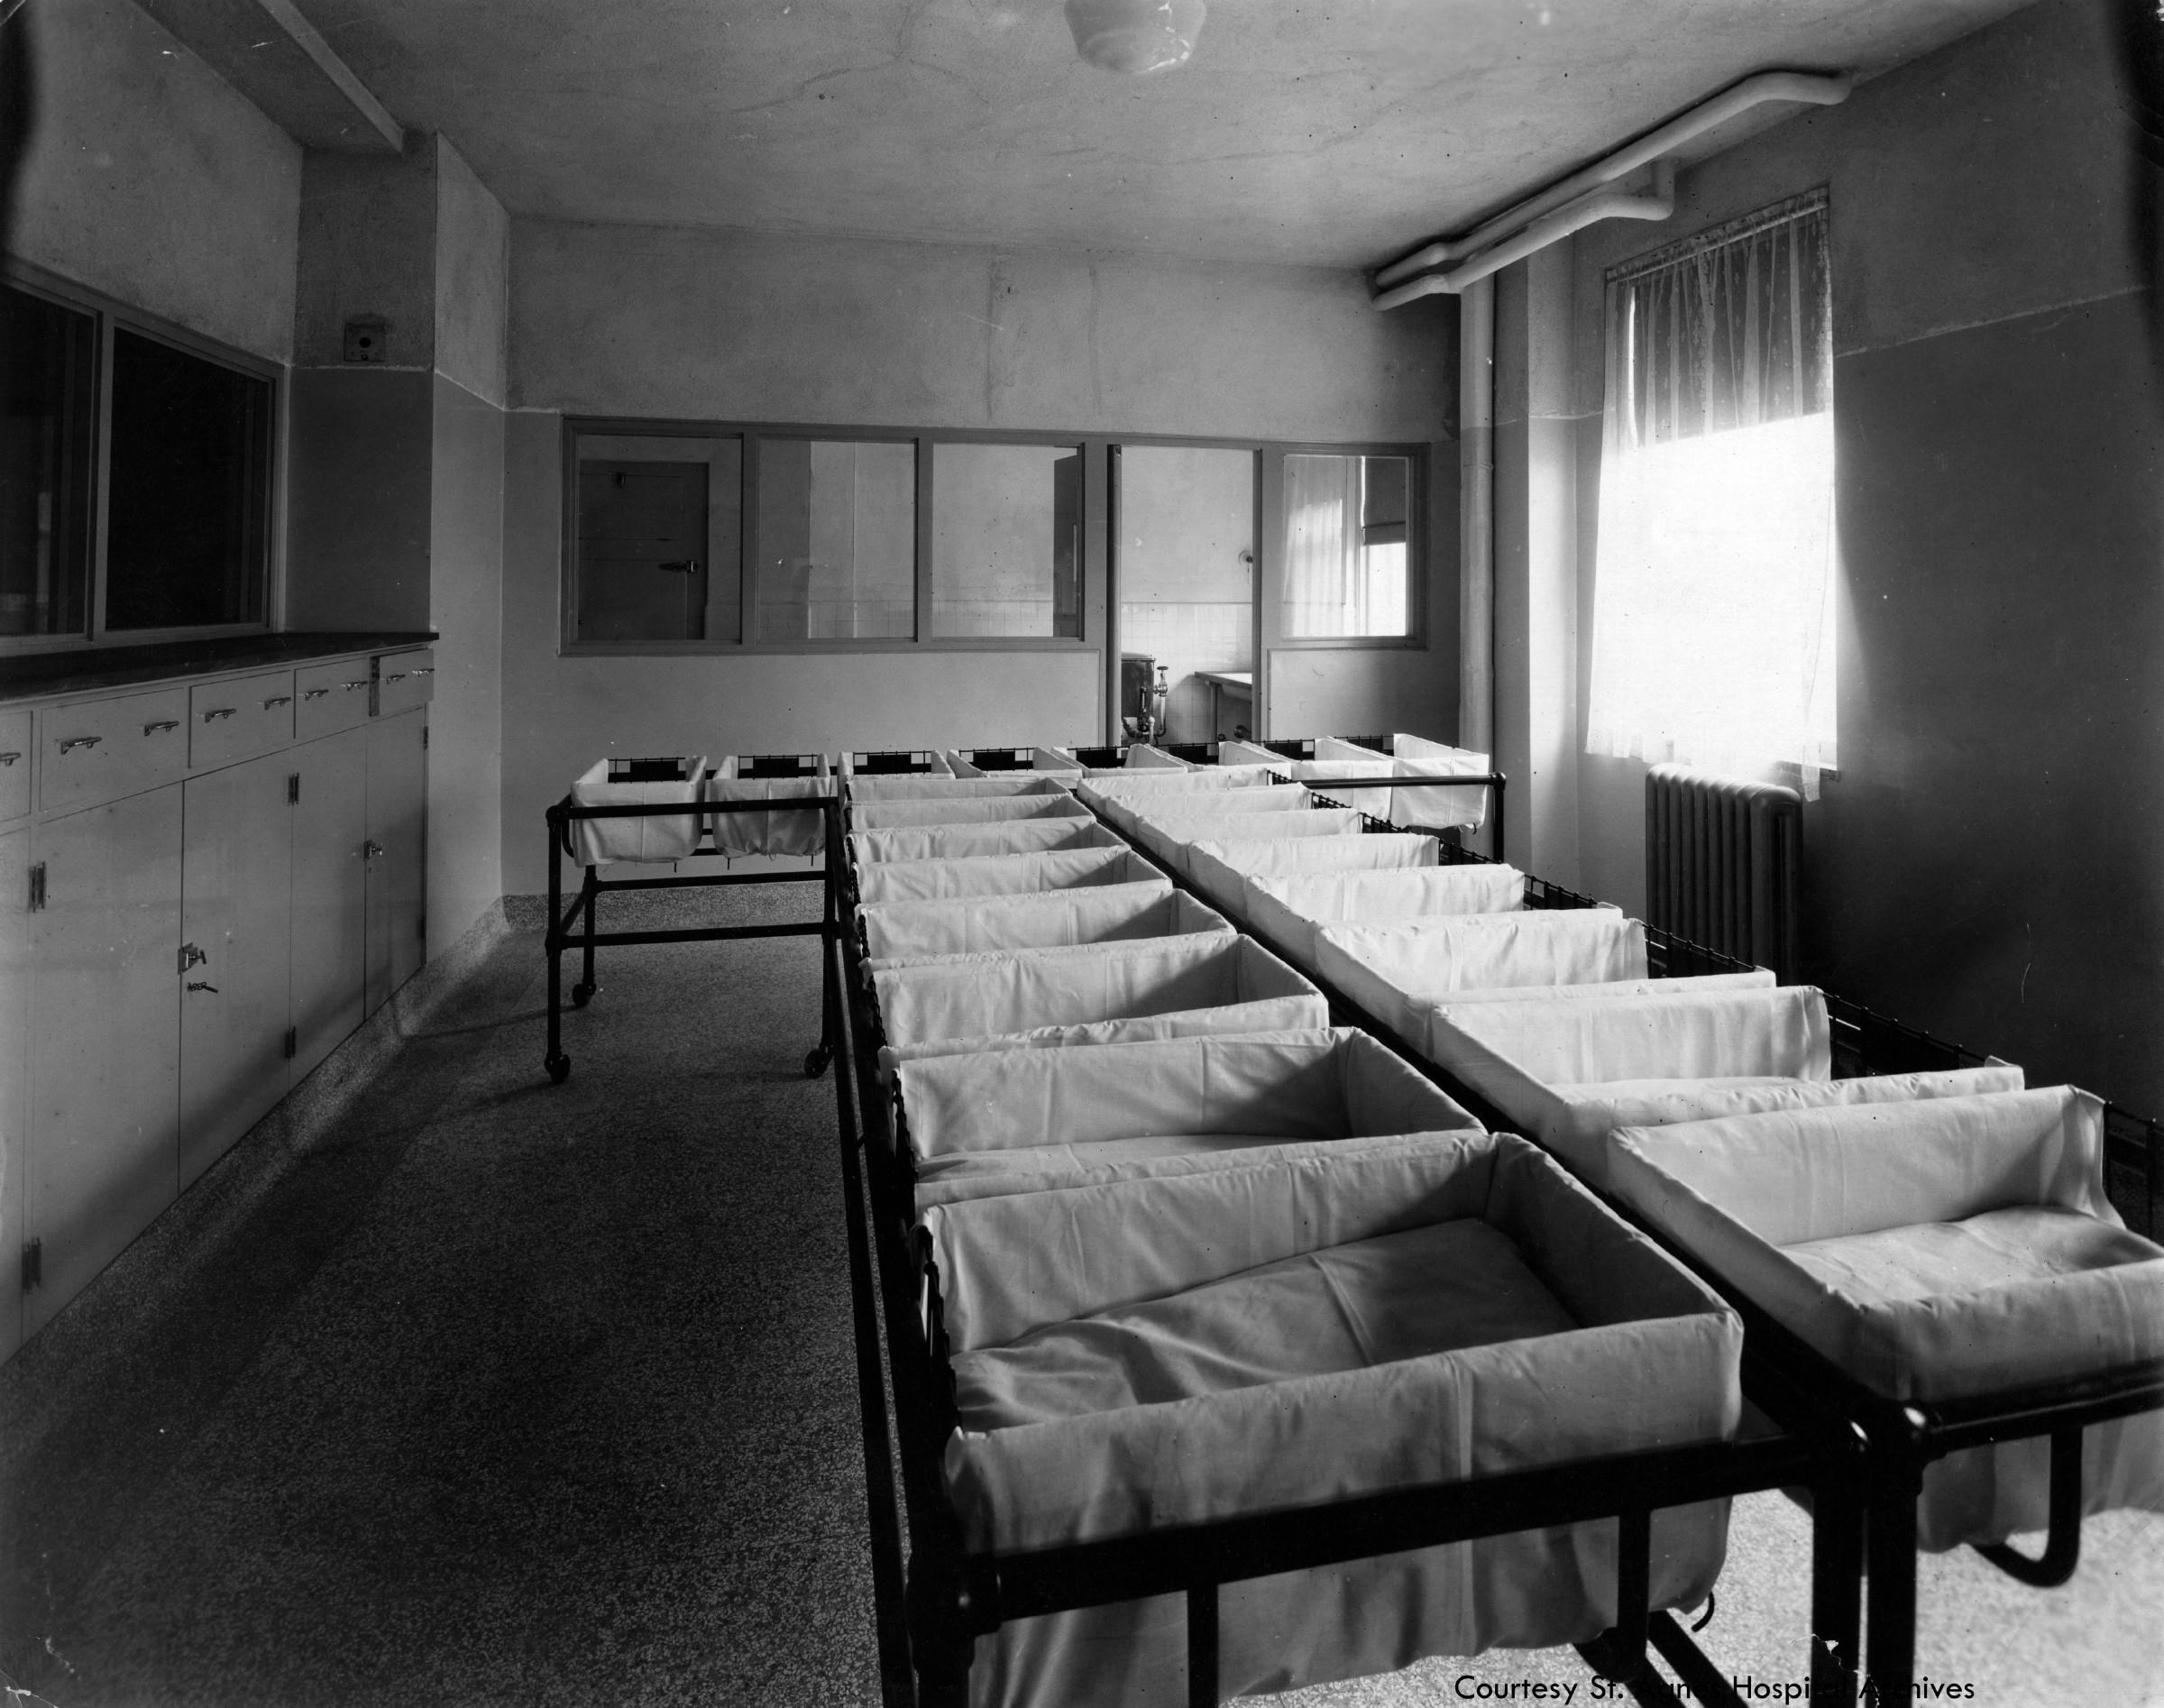 Nursery at St. Agnes Hospital, c. 1925.